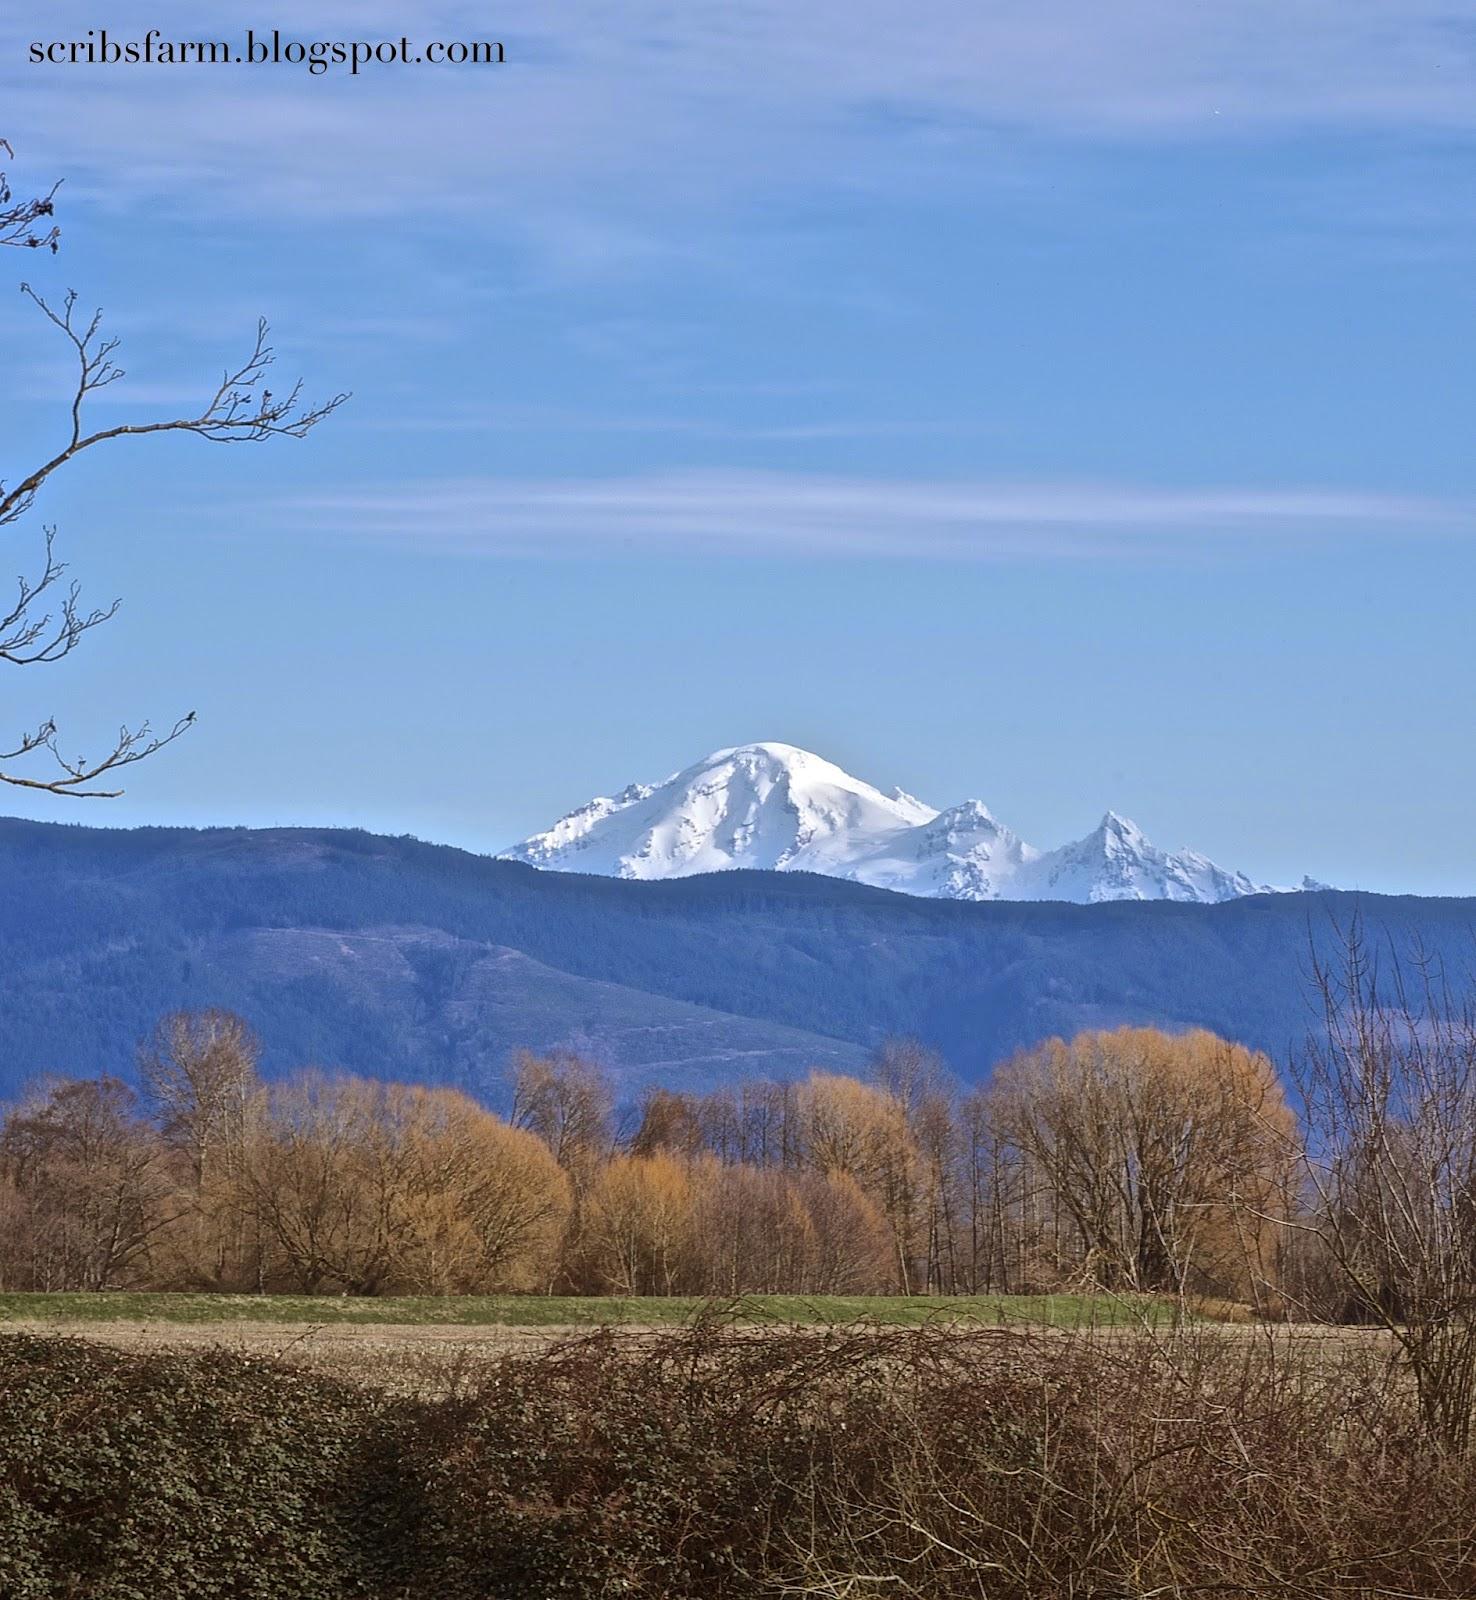 washington peaks